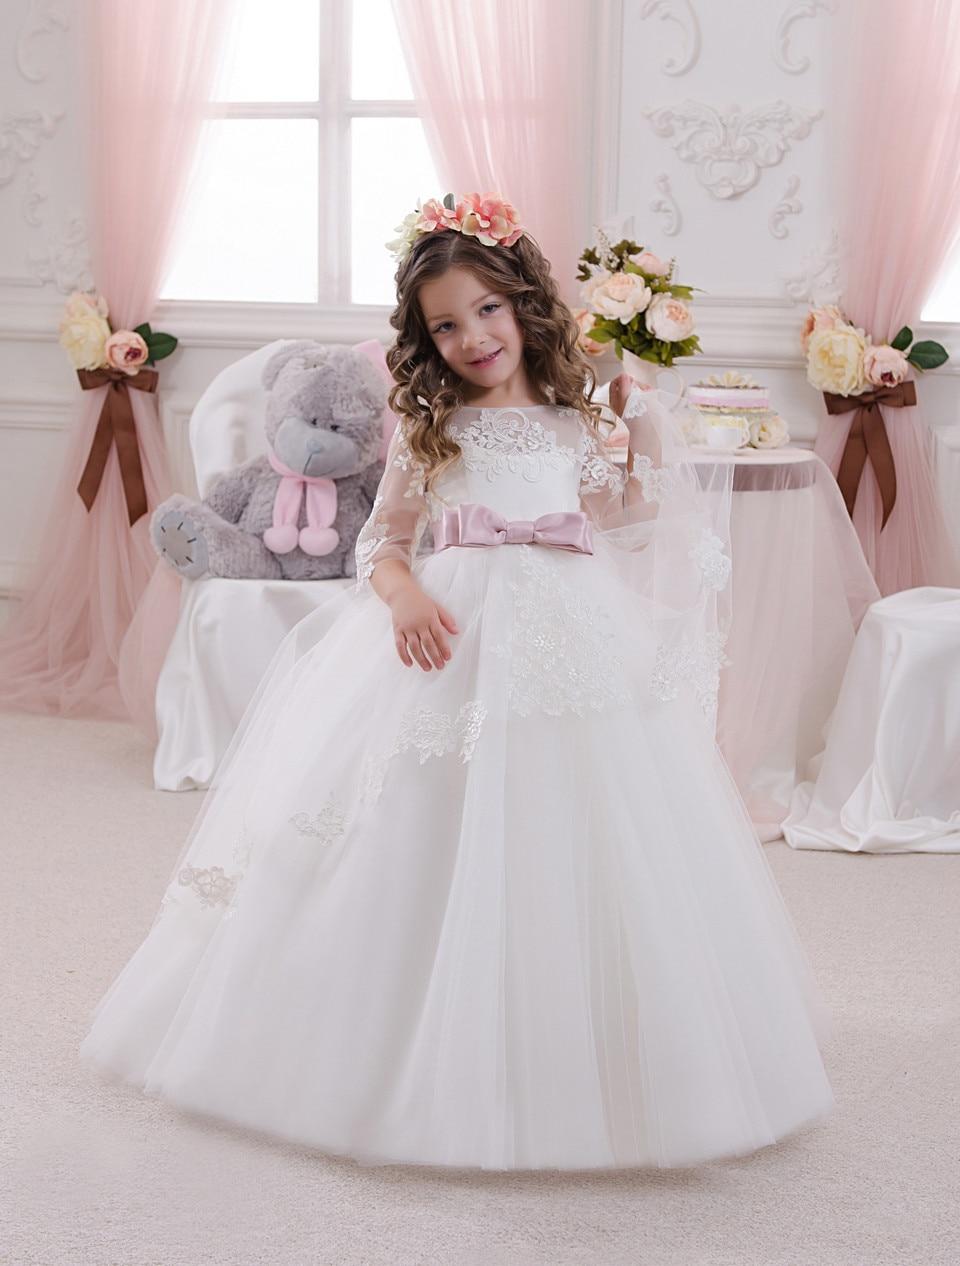 2019 nouvelles robes de demoiselle d'honneur pour mariage dentelle avec nœud ceinture filles robe d'anniversaire robe de Communion robe de reconstitution historique 1-16 ans